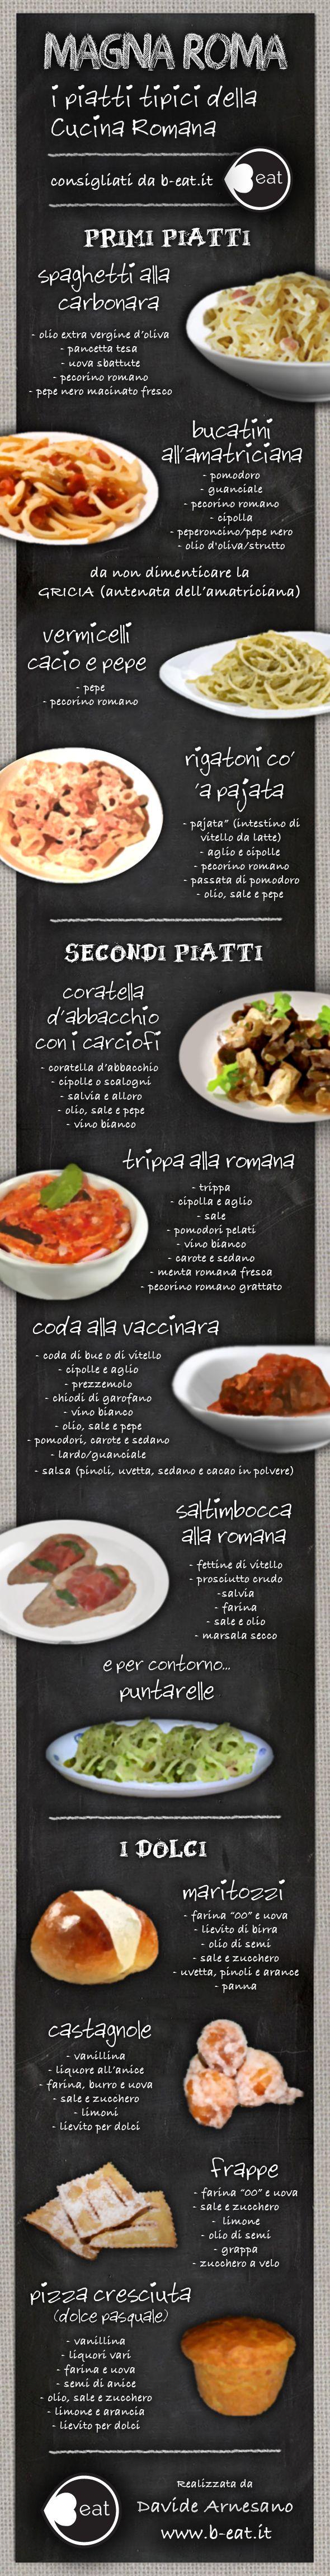 Ieri era il compleanno di #Roma: abbiamo pensato di omaggiarla con una #infografica sulla #cucina romana. #food #infographic